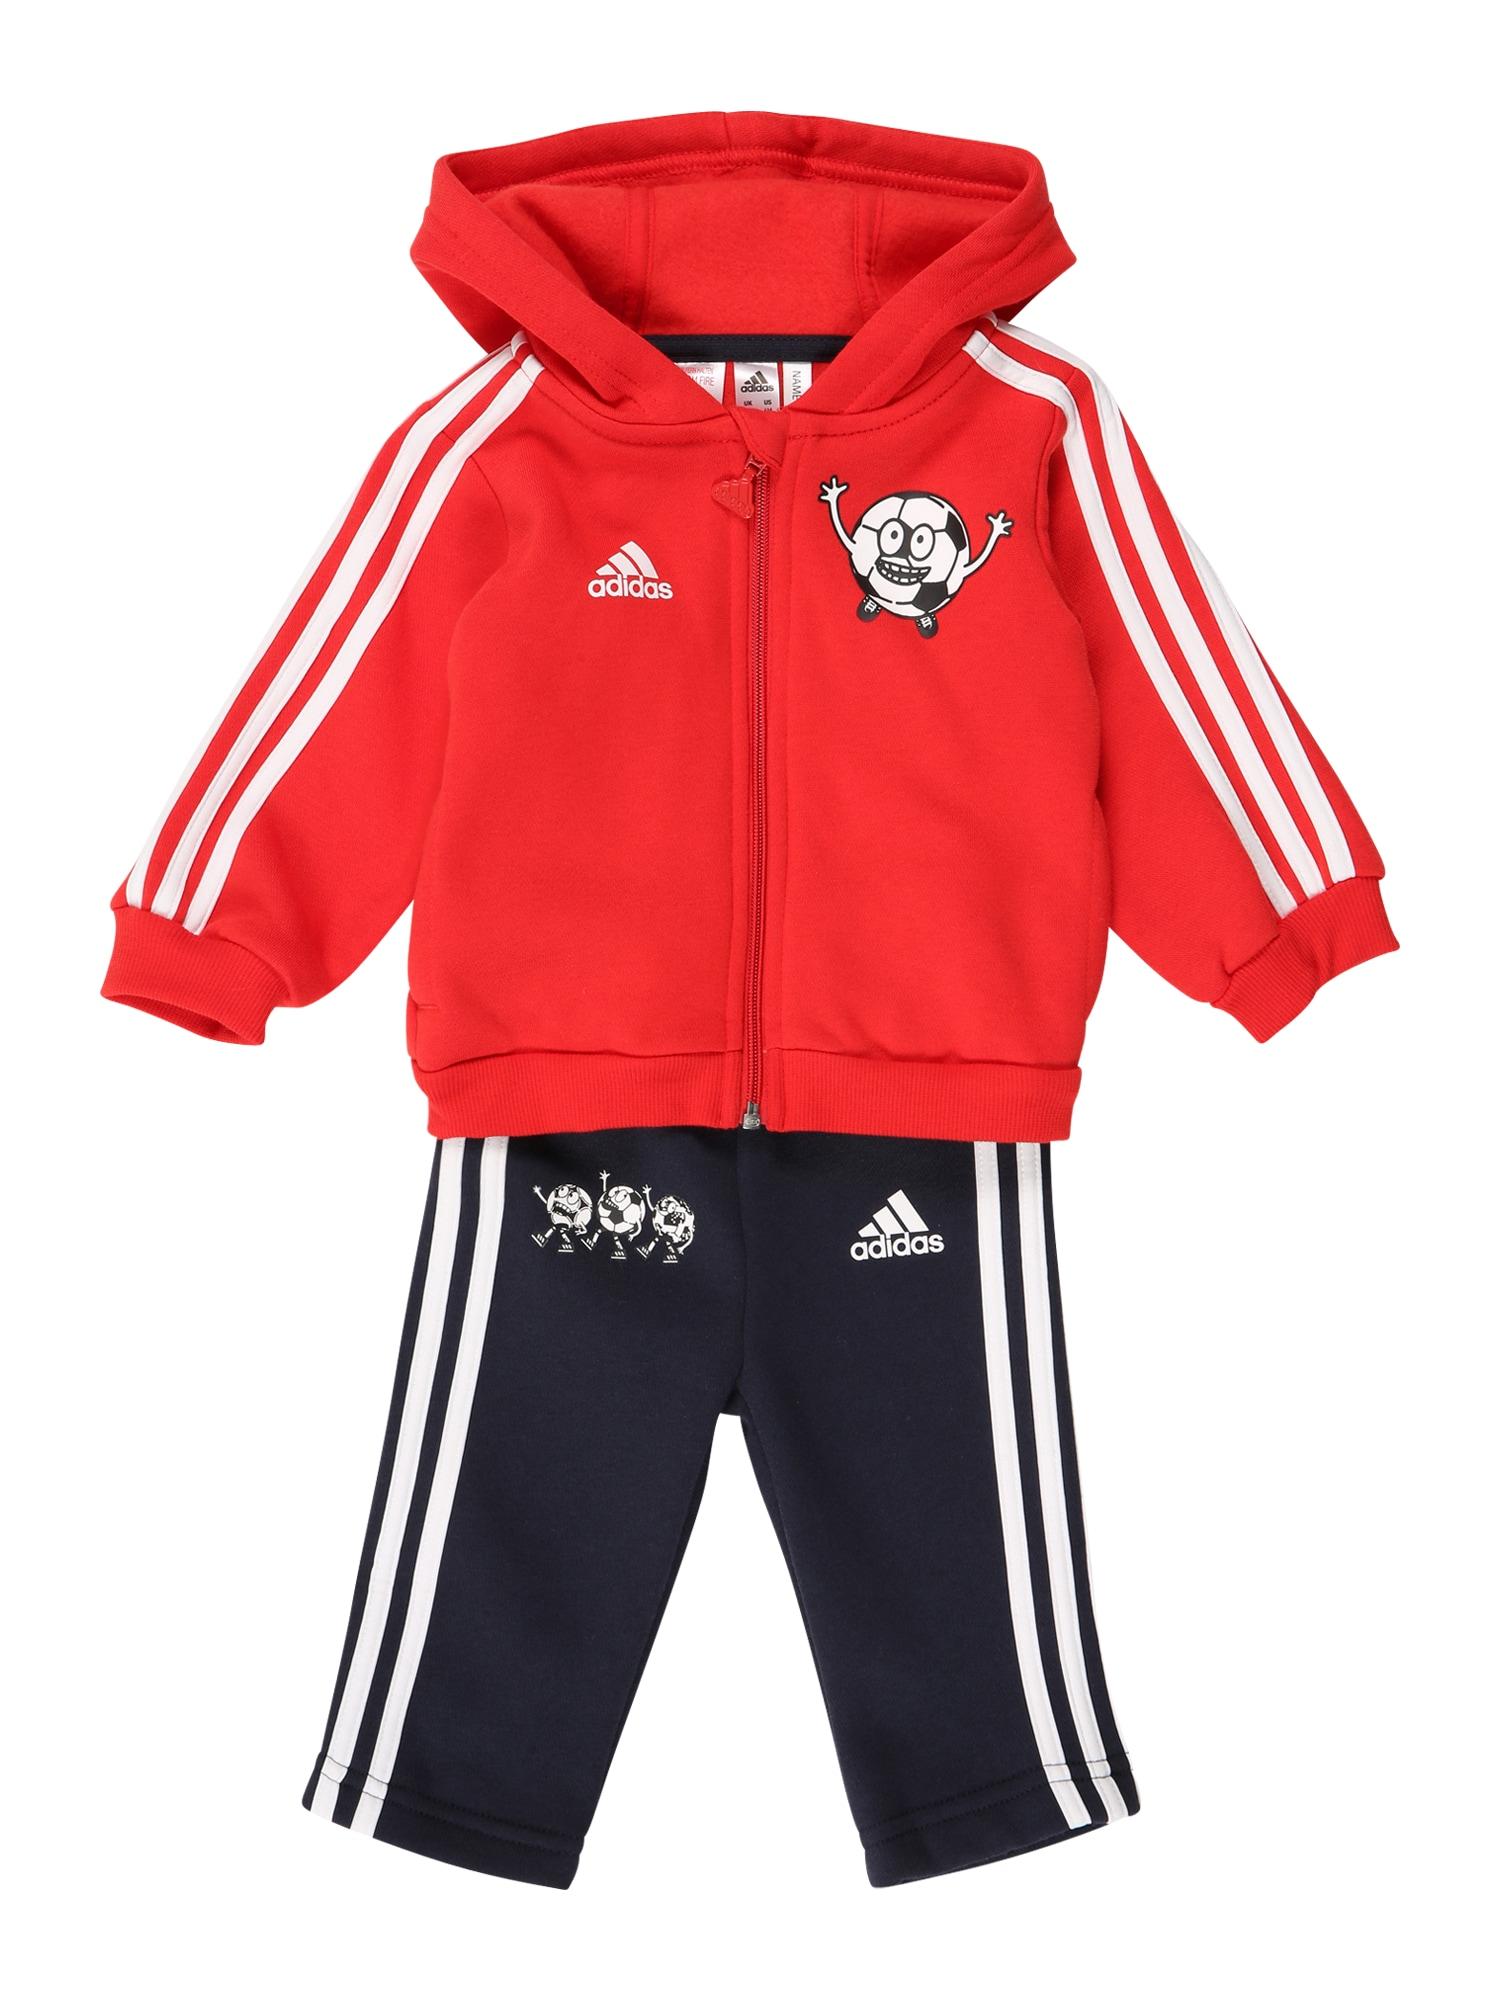 ADIDAS PERFORMANCE Sportinis kostiumas raudona / balta / nakties mėlyna